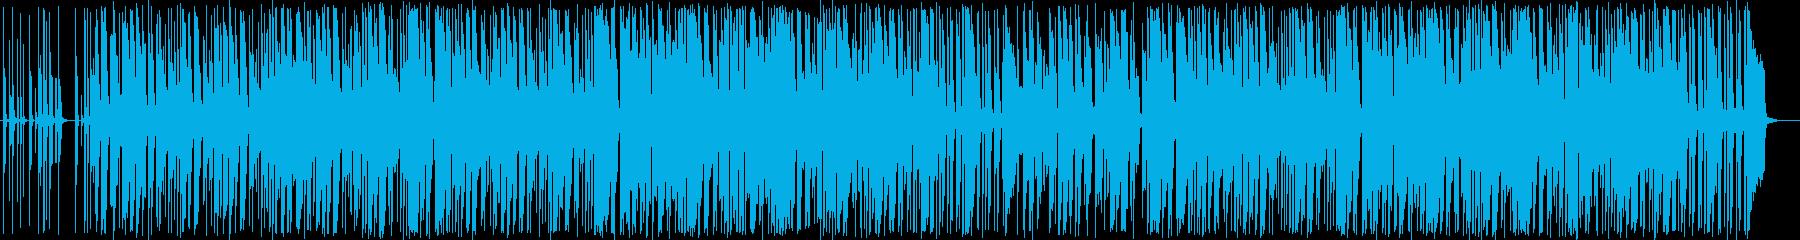 パステルカラーのボッサ風ポップスの再生済みの波形